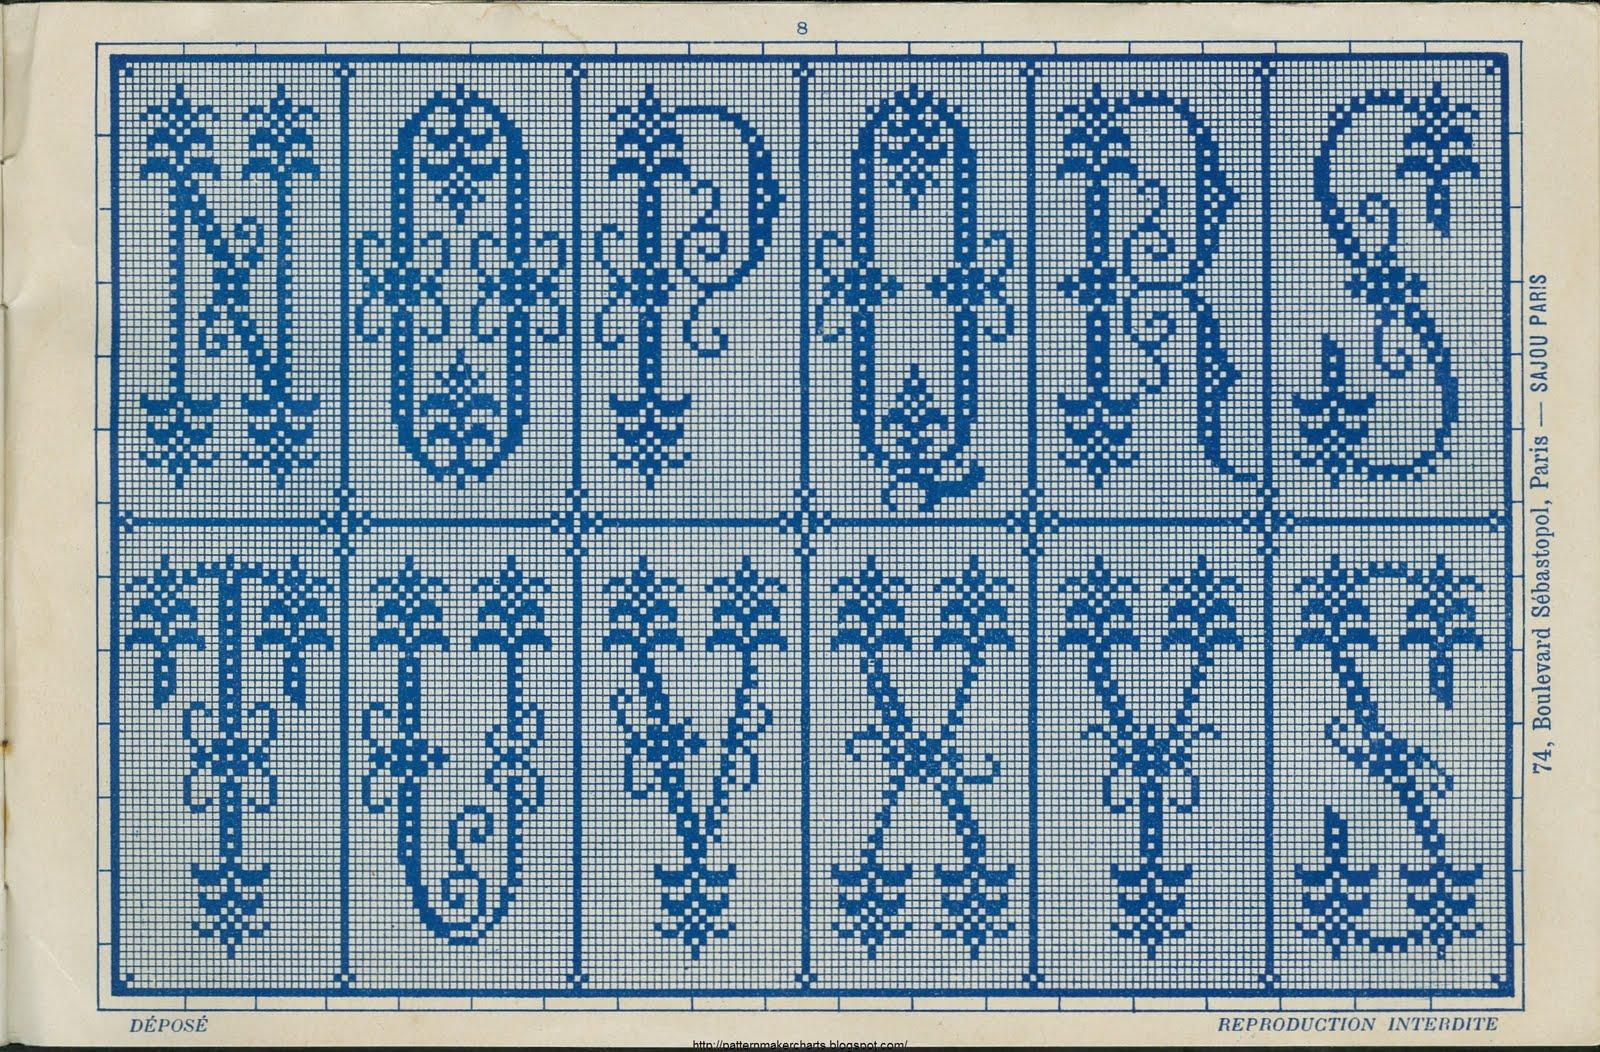 Буквы алфавита (схемы крючок, спицы, филейка). Обсуждение на 33